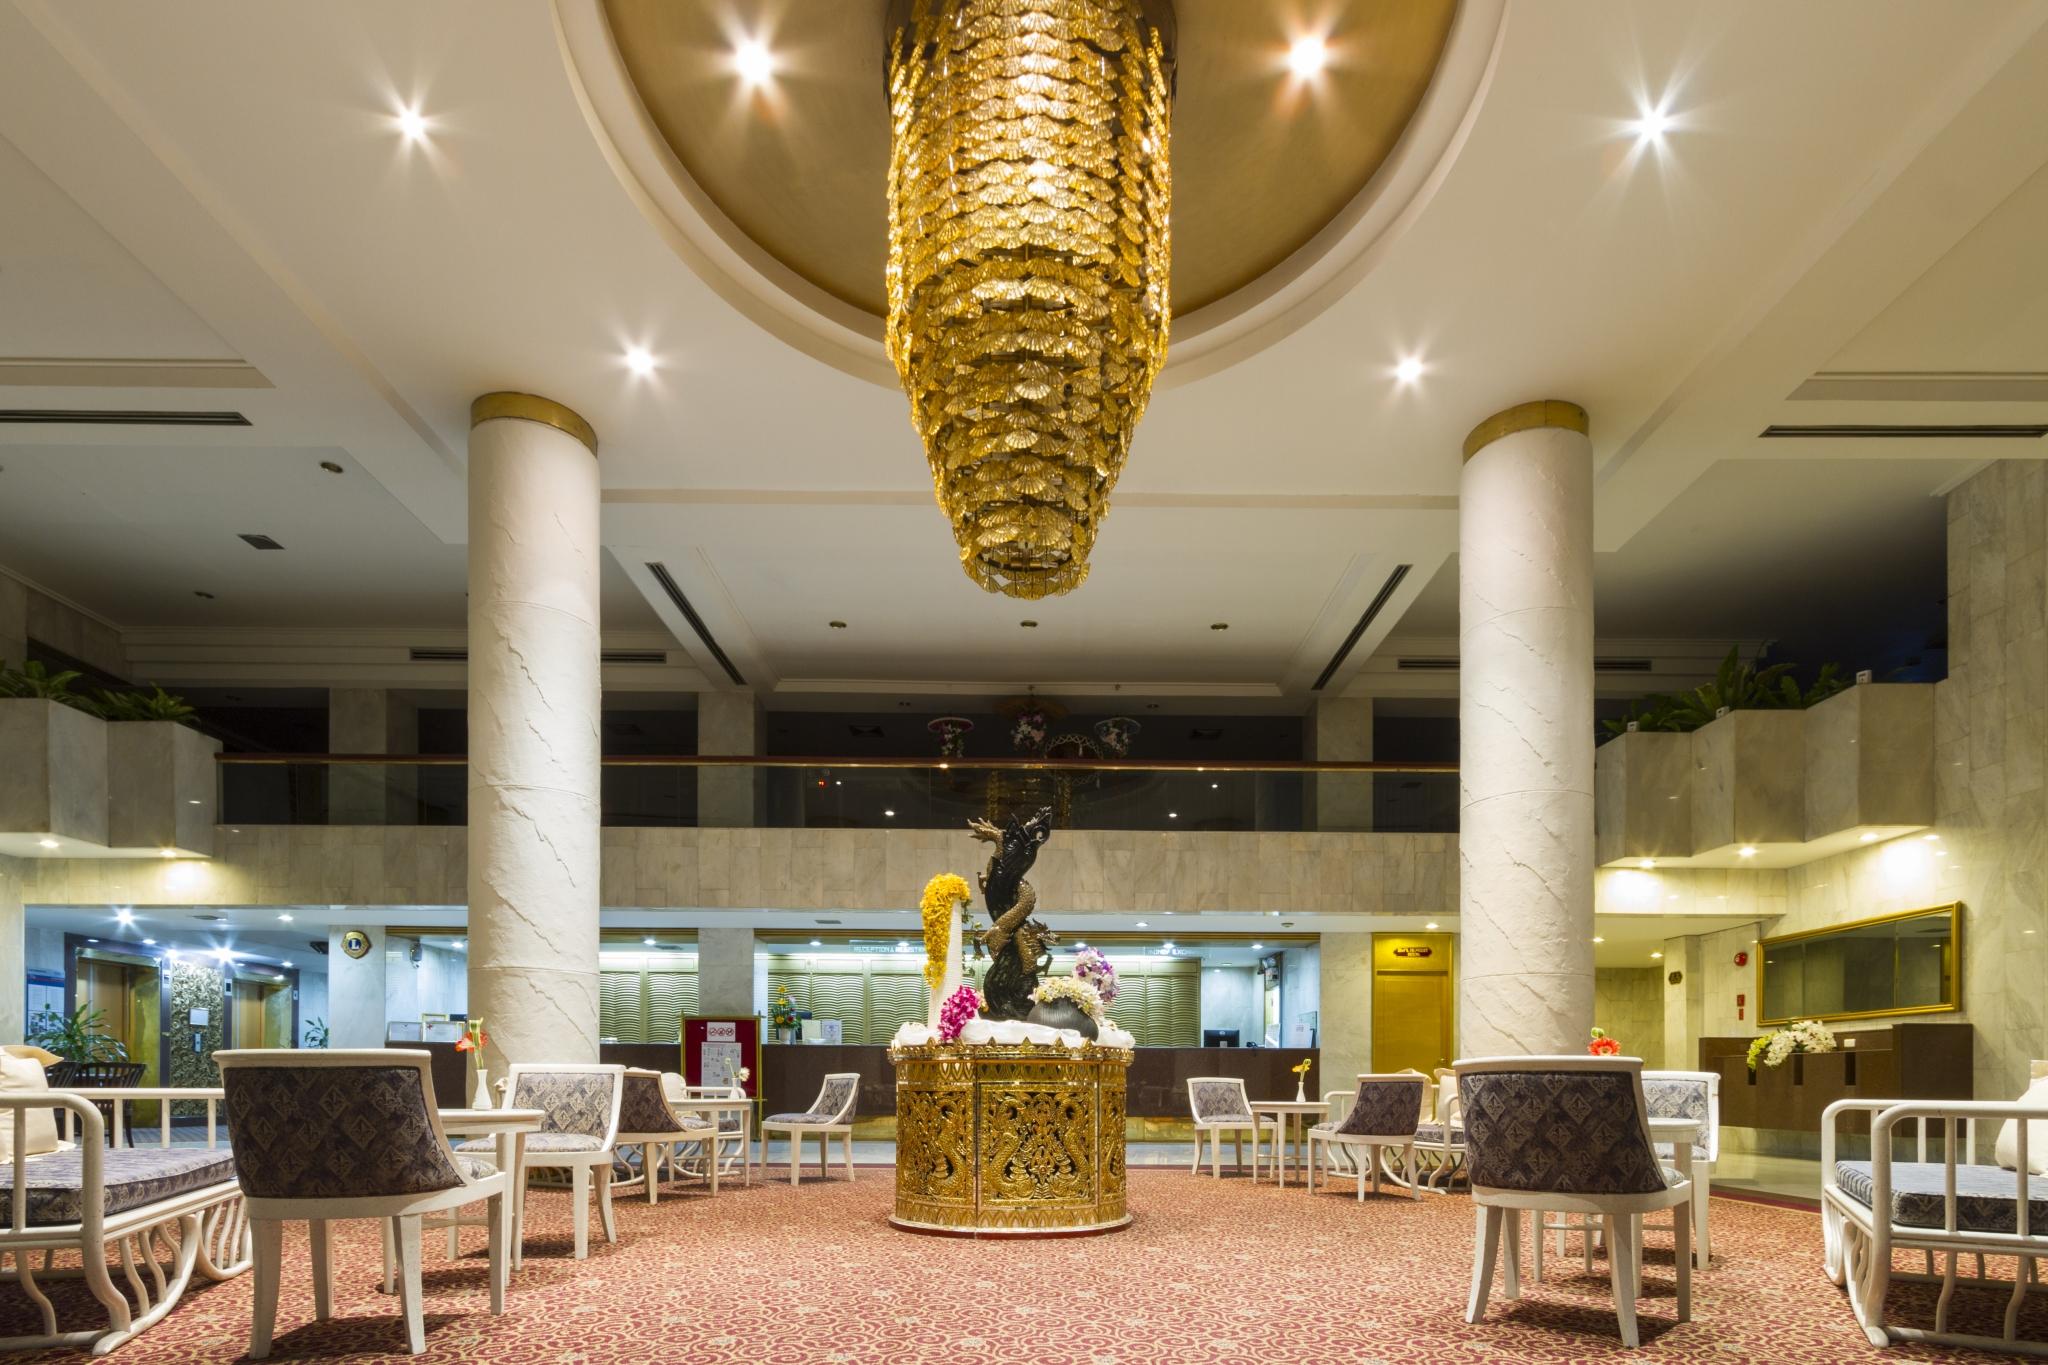 โรงแรมพรพิงค์ ทาวเวอร์ เชียงใหม่  โรงแรมพรพิงค์ ทาวเวอร์ เชียงใหม่ (Pornping Tower Hotel) IMG 0108